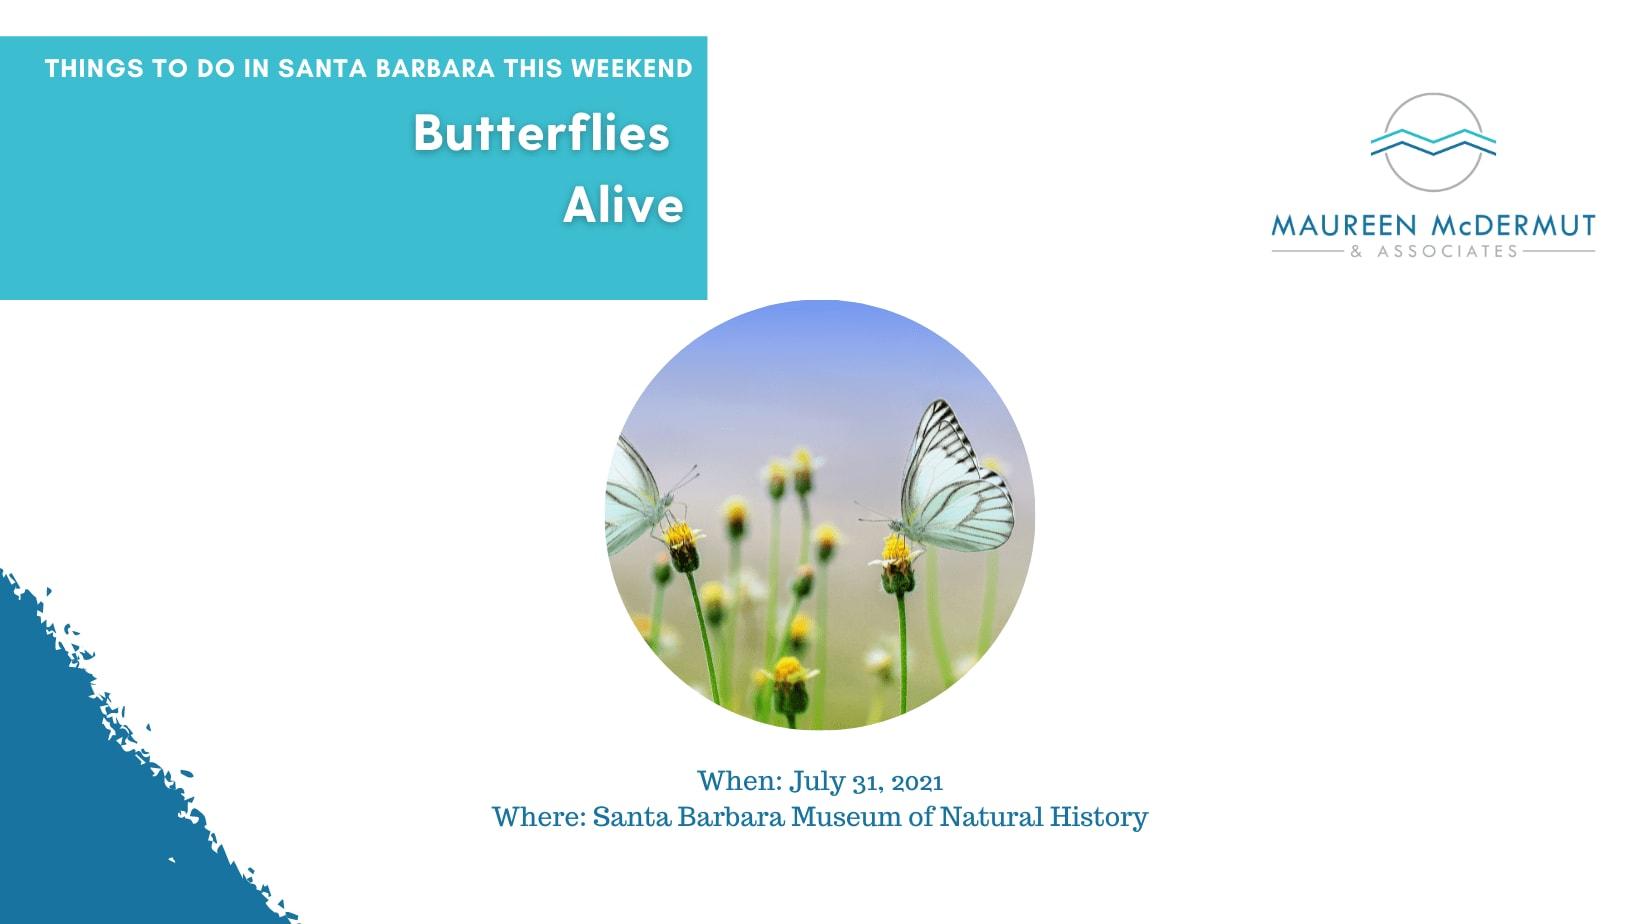 Butterflies Alive image